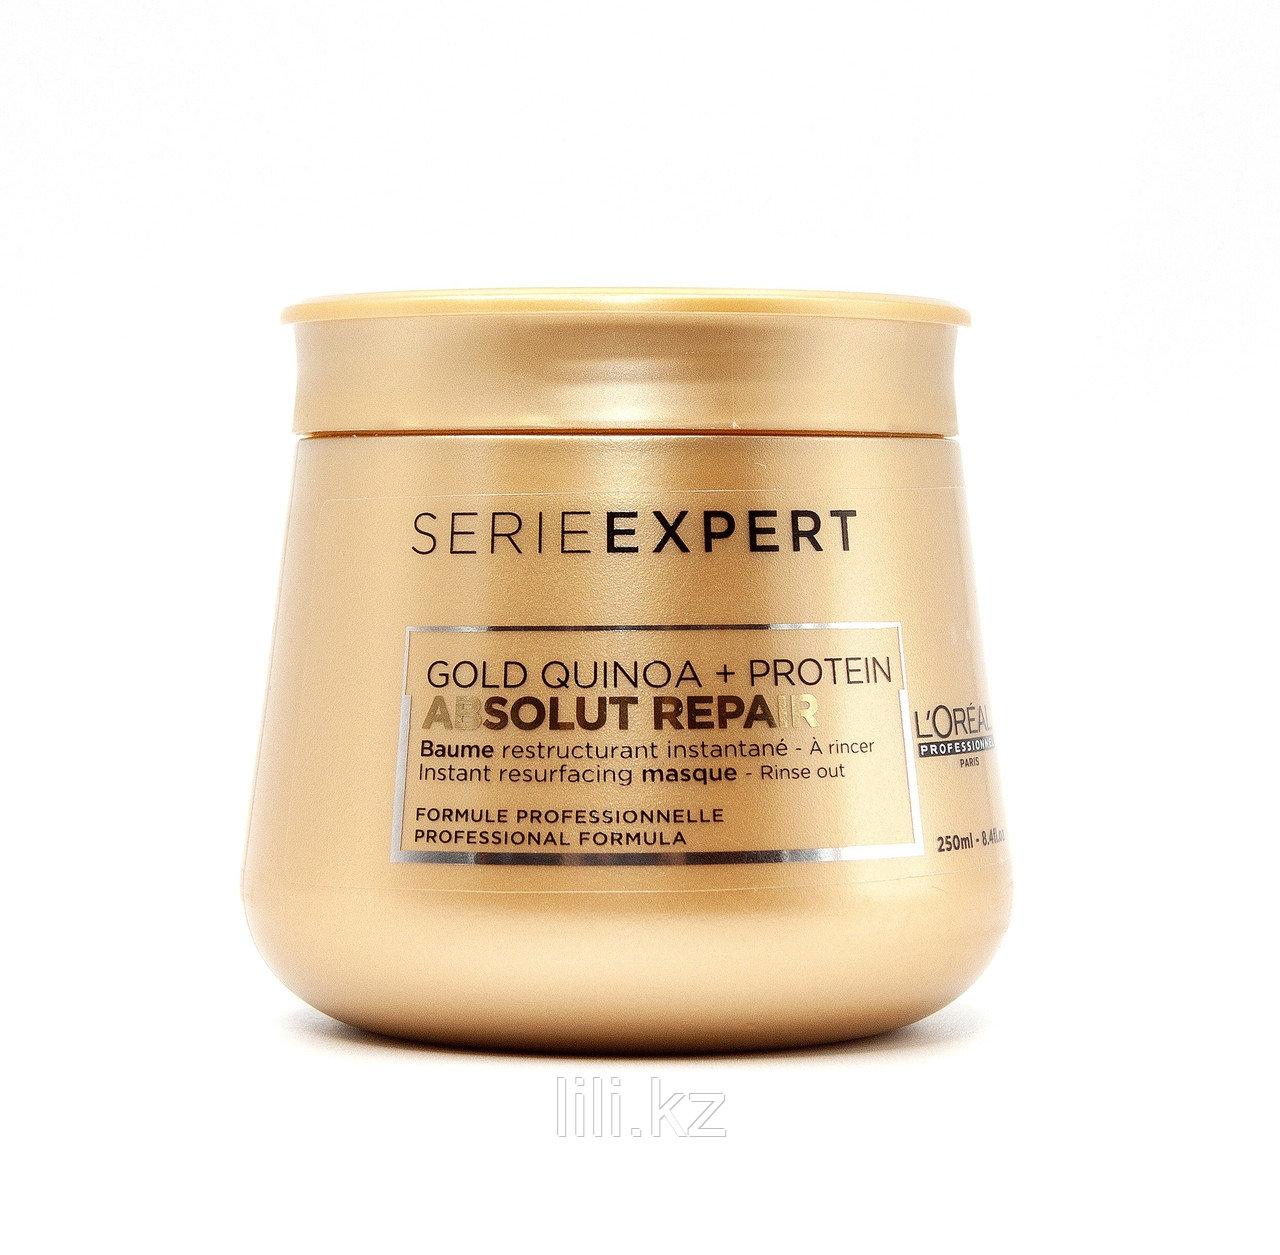 Маска с кремовой текстурой для сильно поврежденных волос L'Oreal Absolut Repair Lipidium 250 мл.